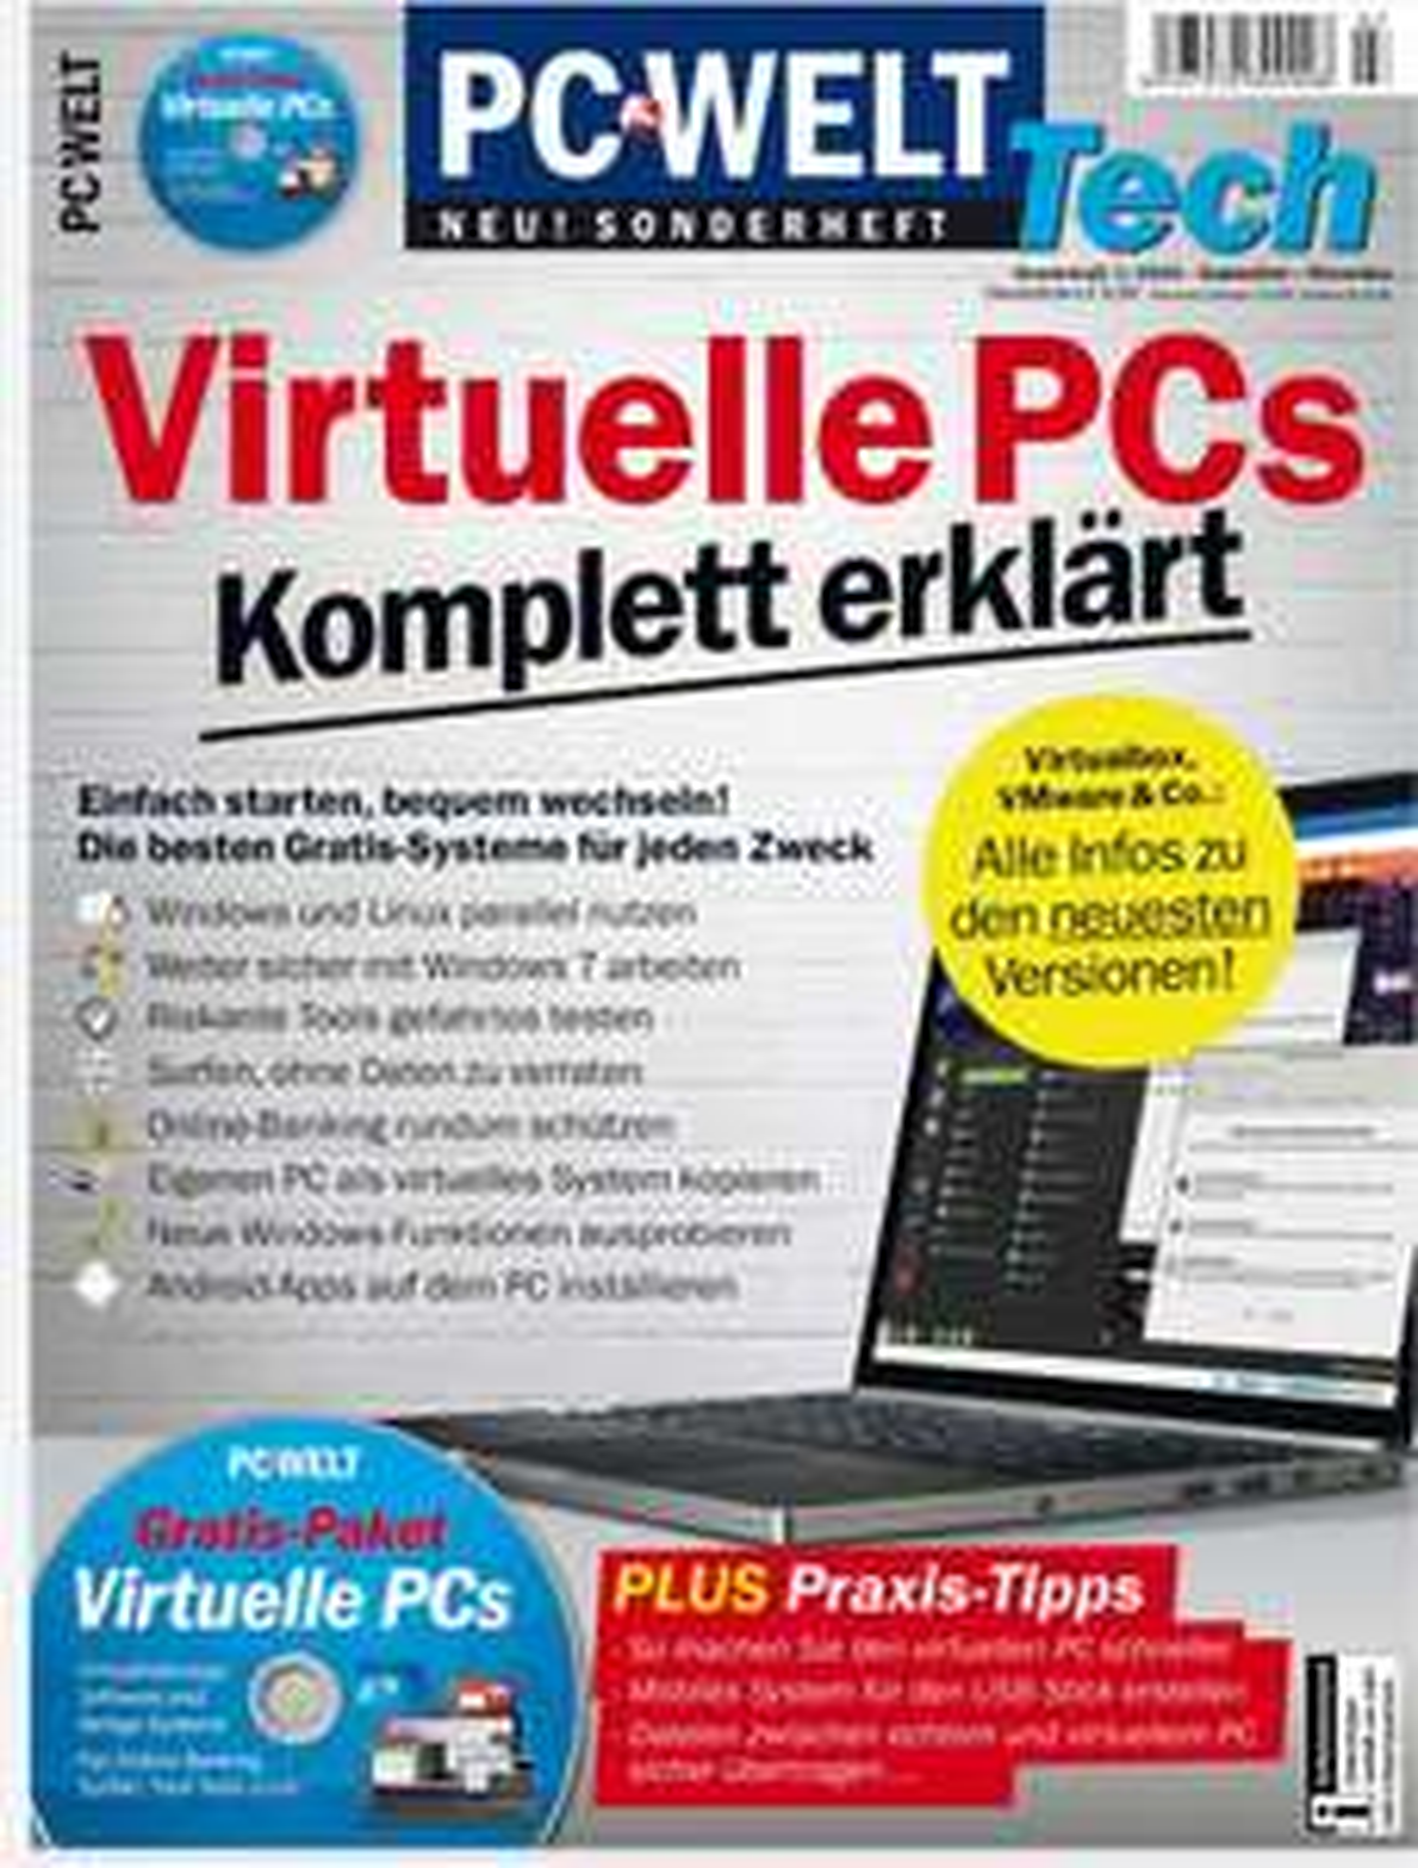 """Gratis """"Virtuelle PCs - Komplett erklärt"""" PC-WELT Tech Sonderheft als PDF anstatt 10,95 Euro"""